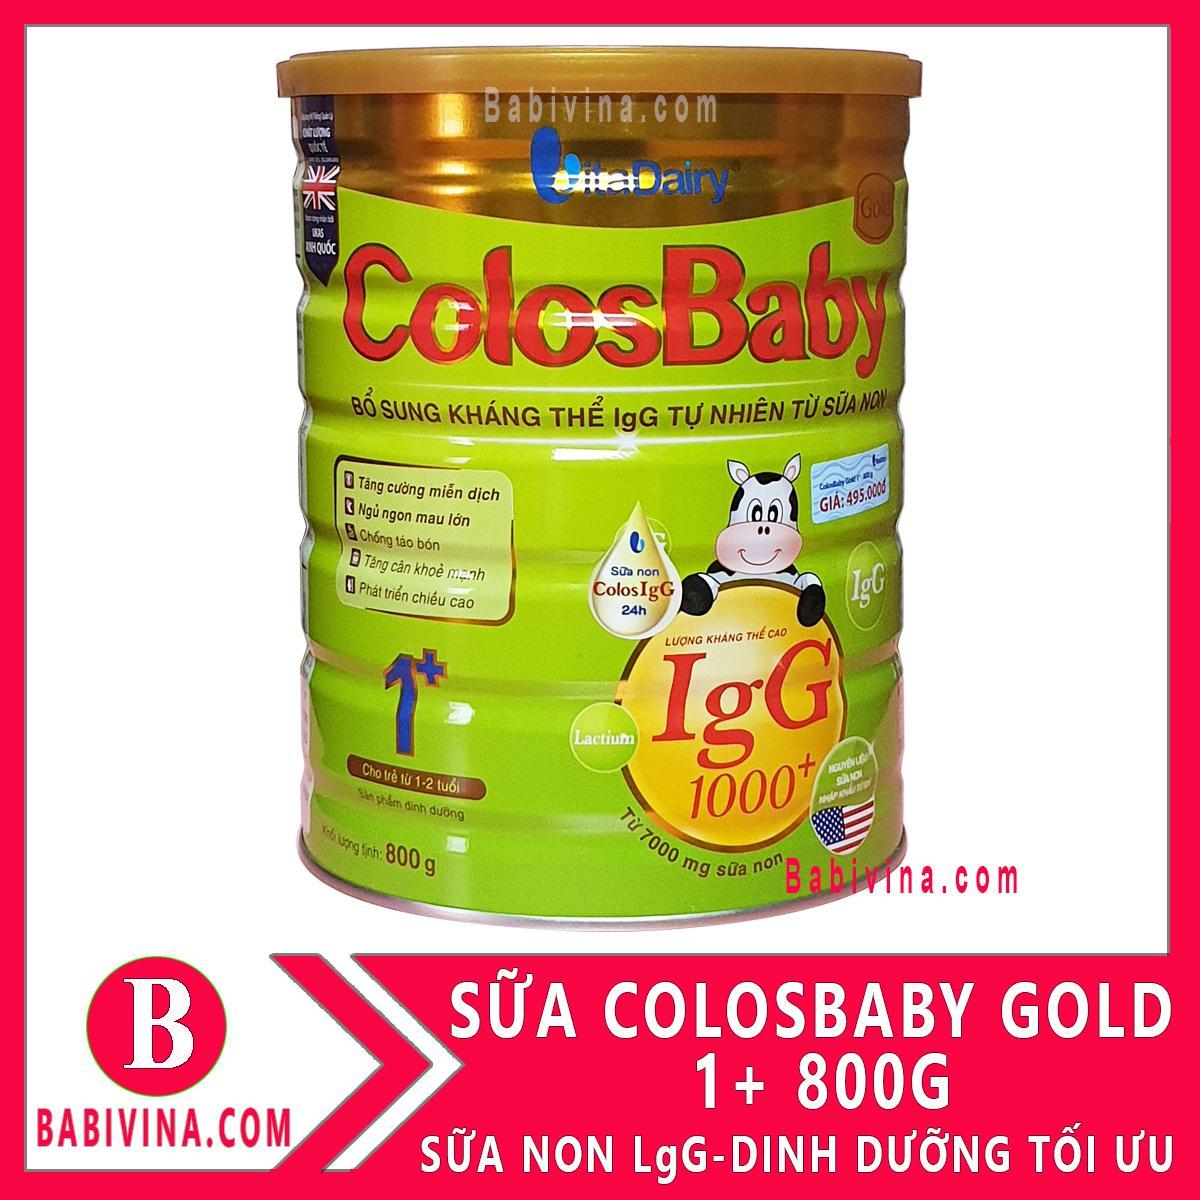 [LẺ GIÁ SỈ] Sữa Bột Colosbaby 1+ 1000lgG 800g Sữa...